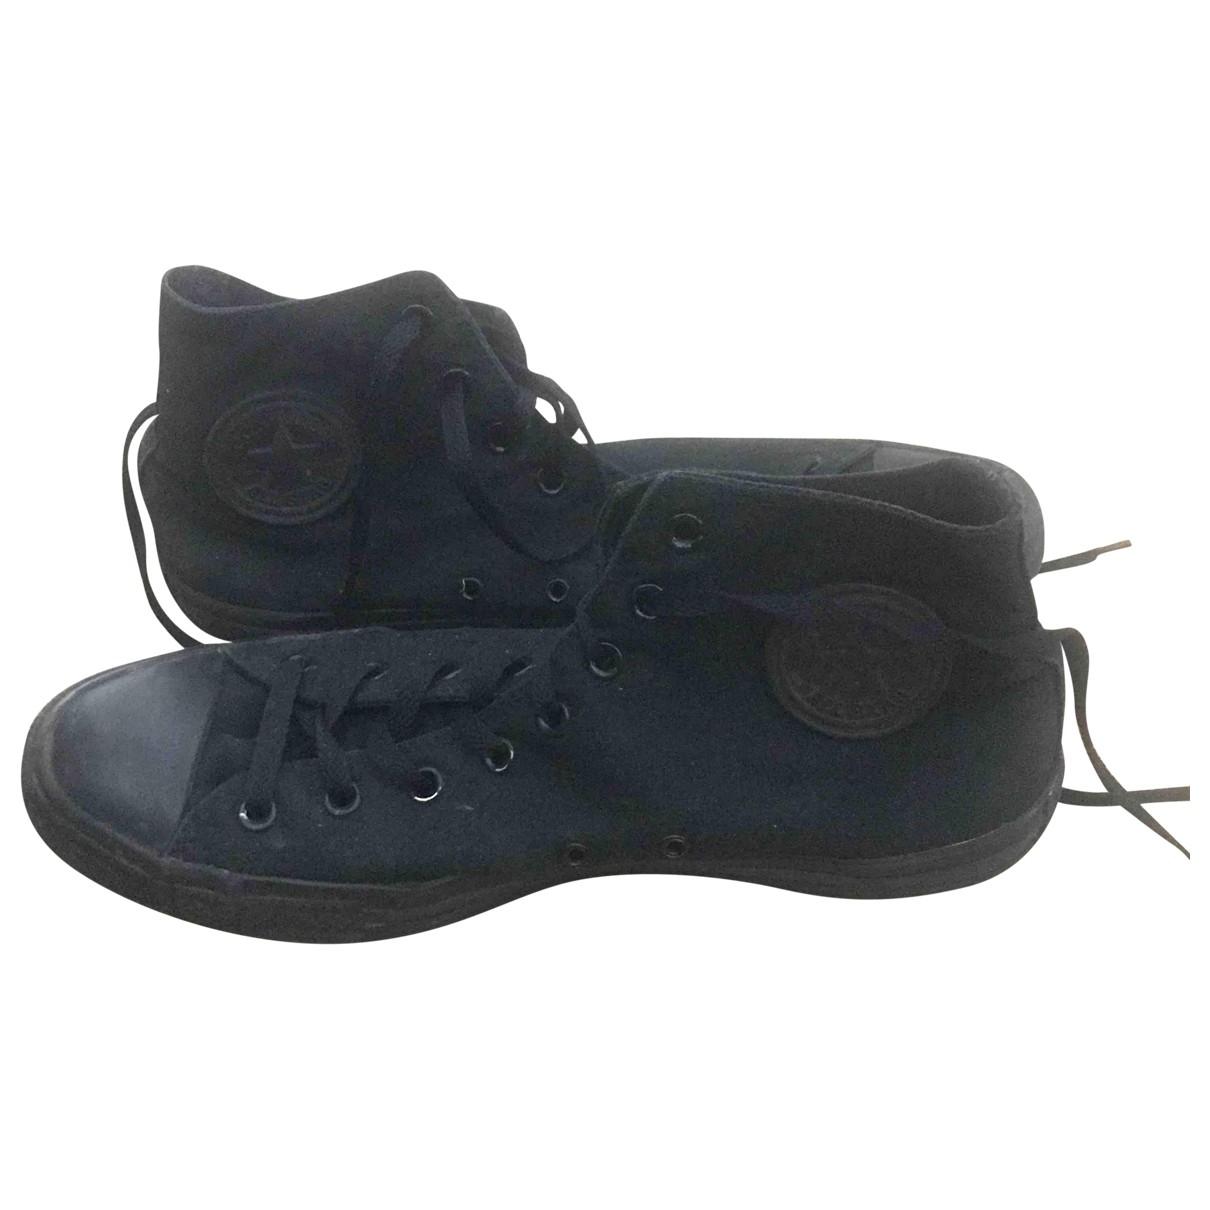 Converse - Baskets   pour homme en toile - noir